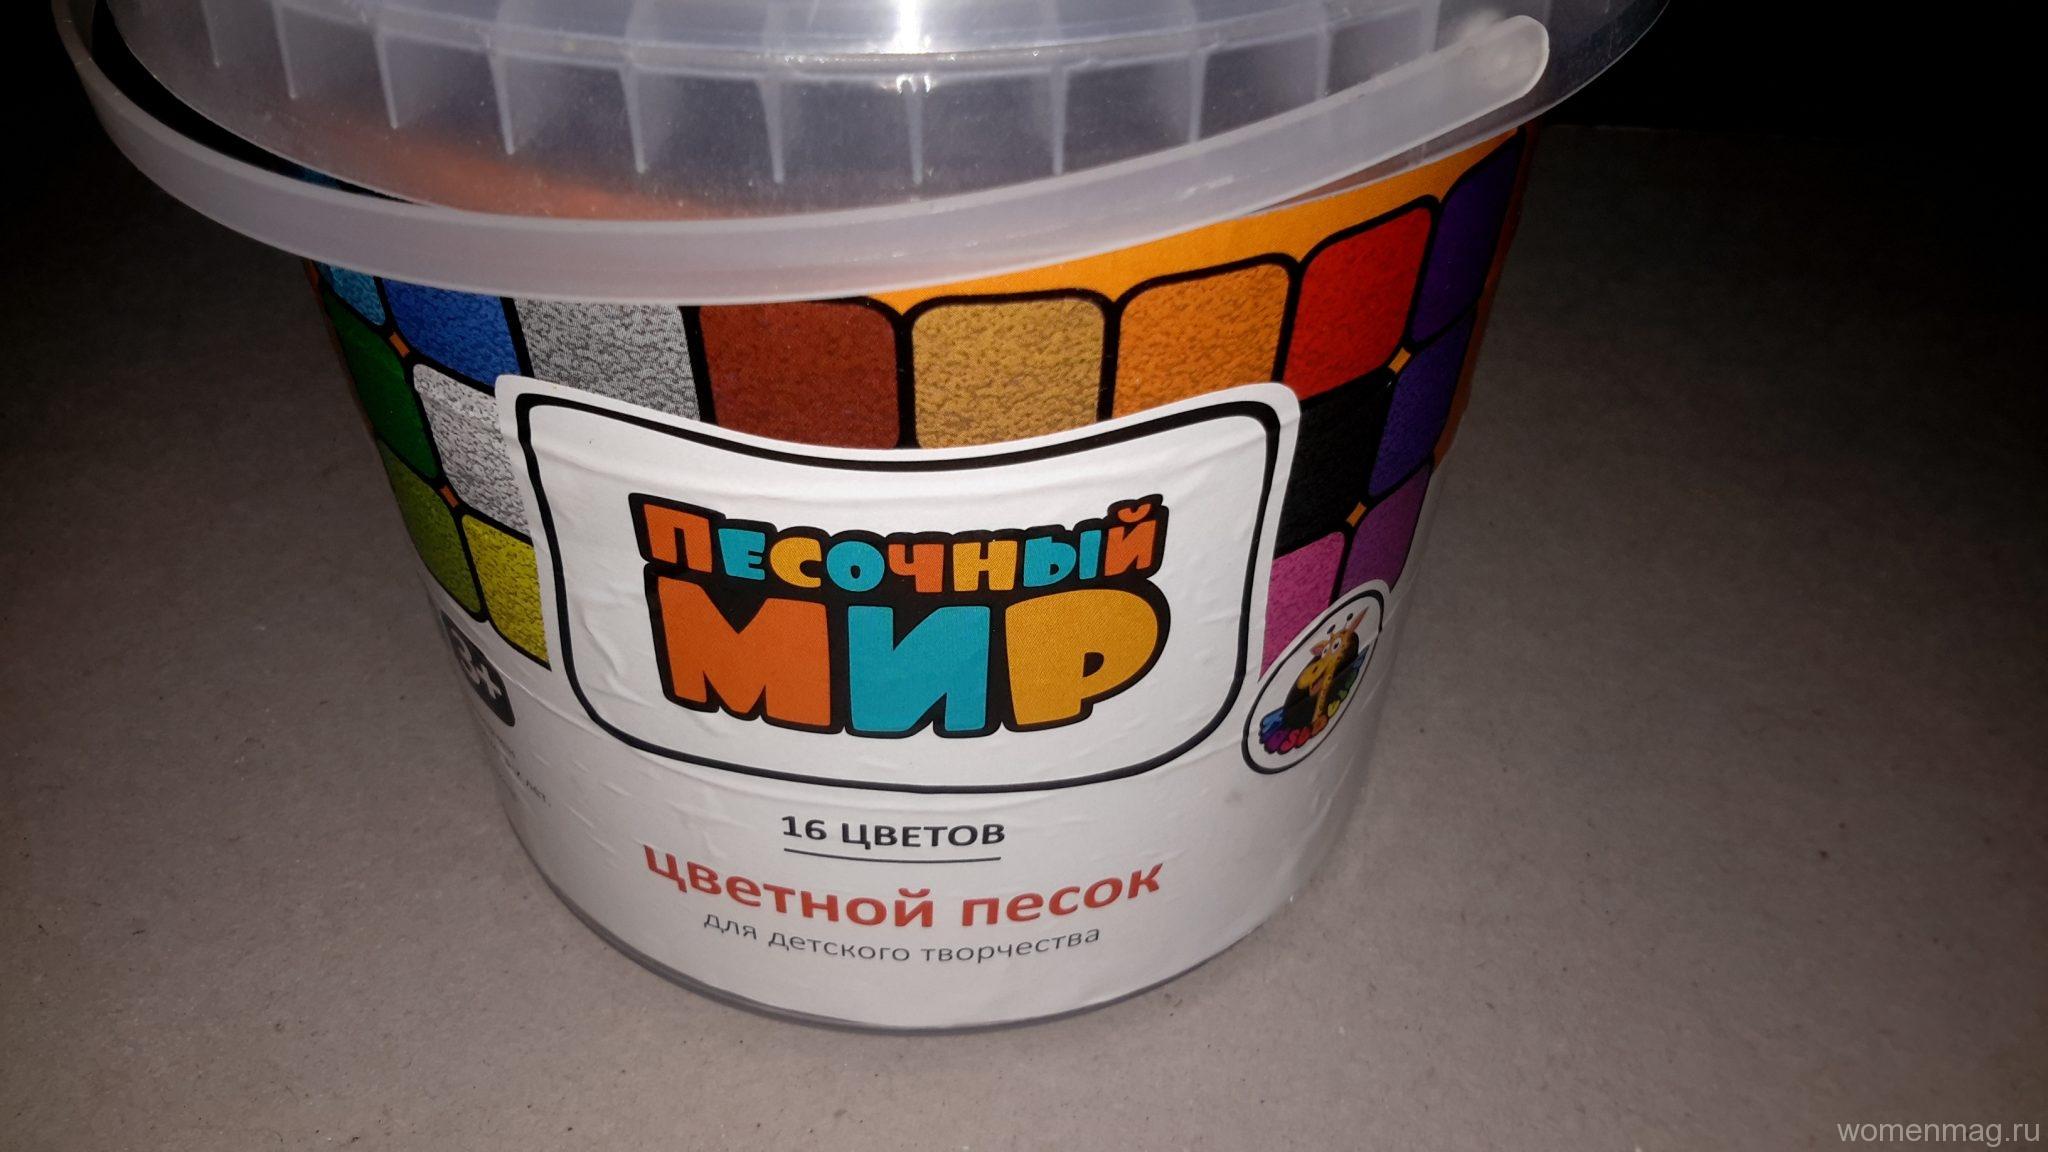 Отзыв на набор цветного песка «Песочный мир» от производителя ООО «Кидстейшн»